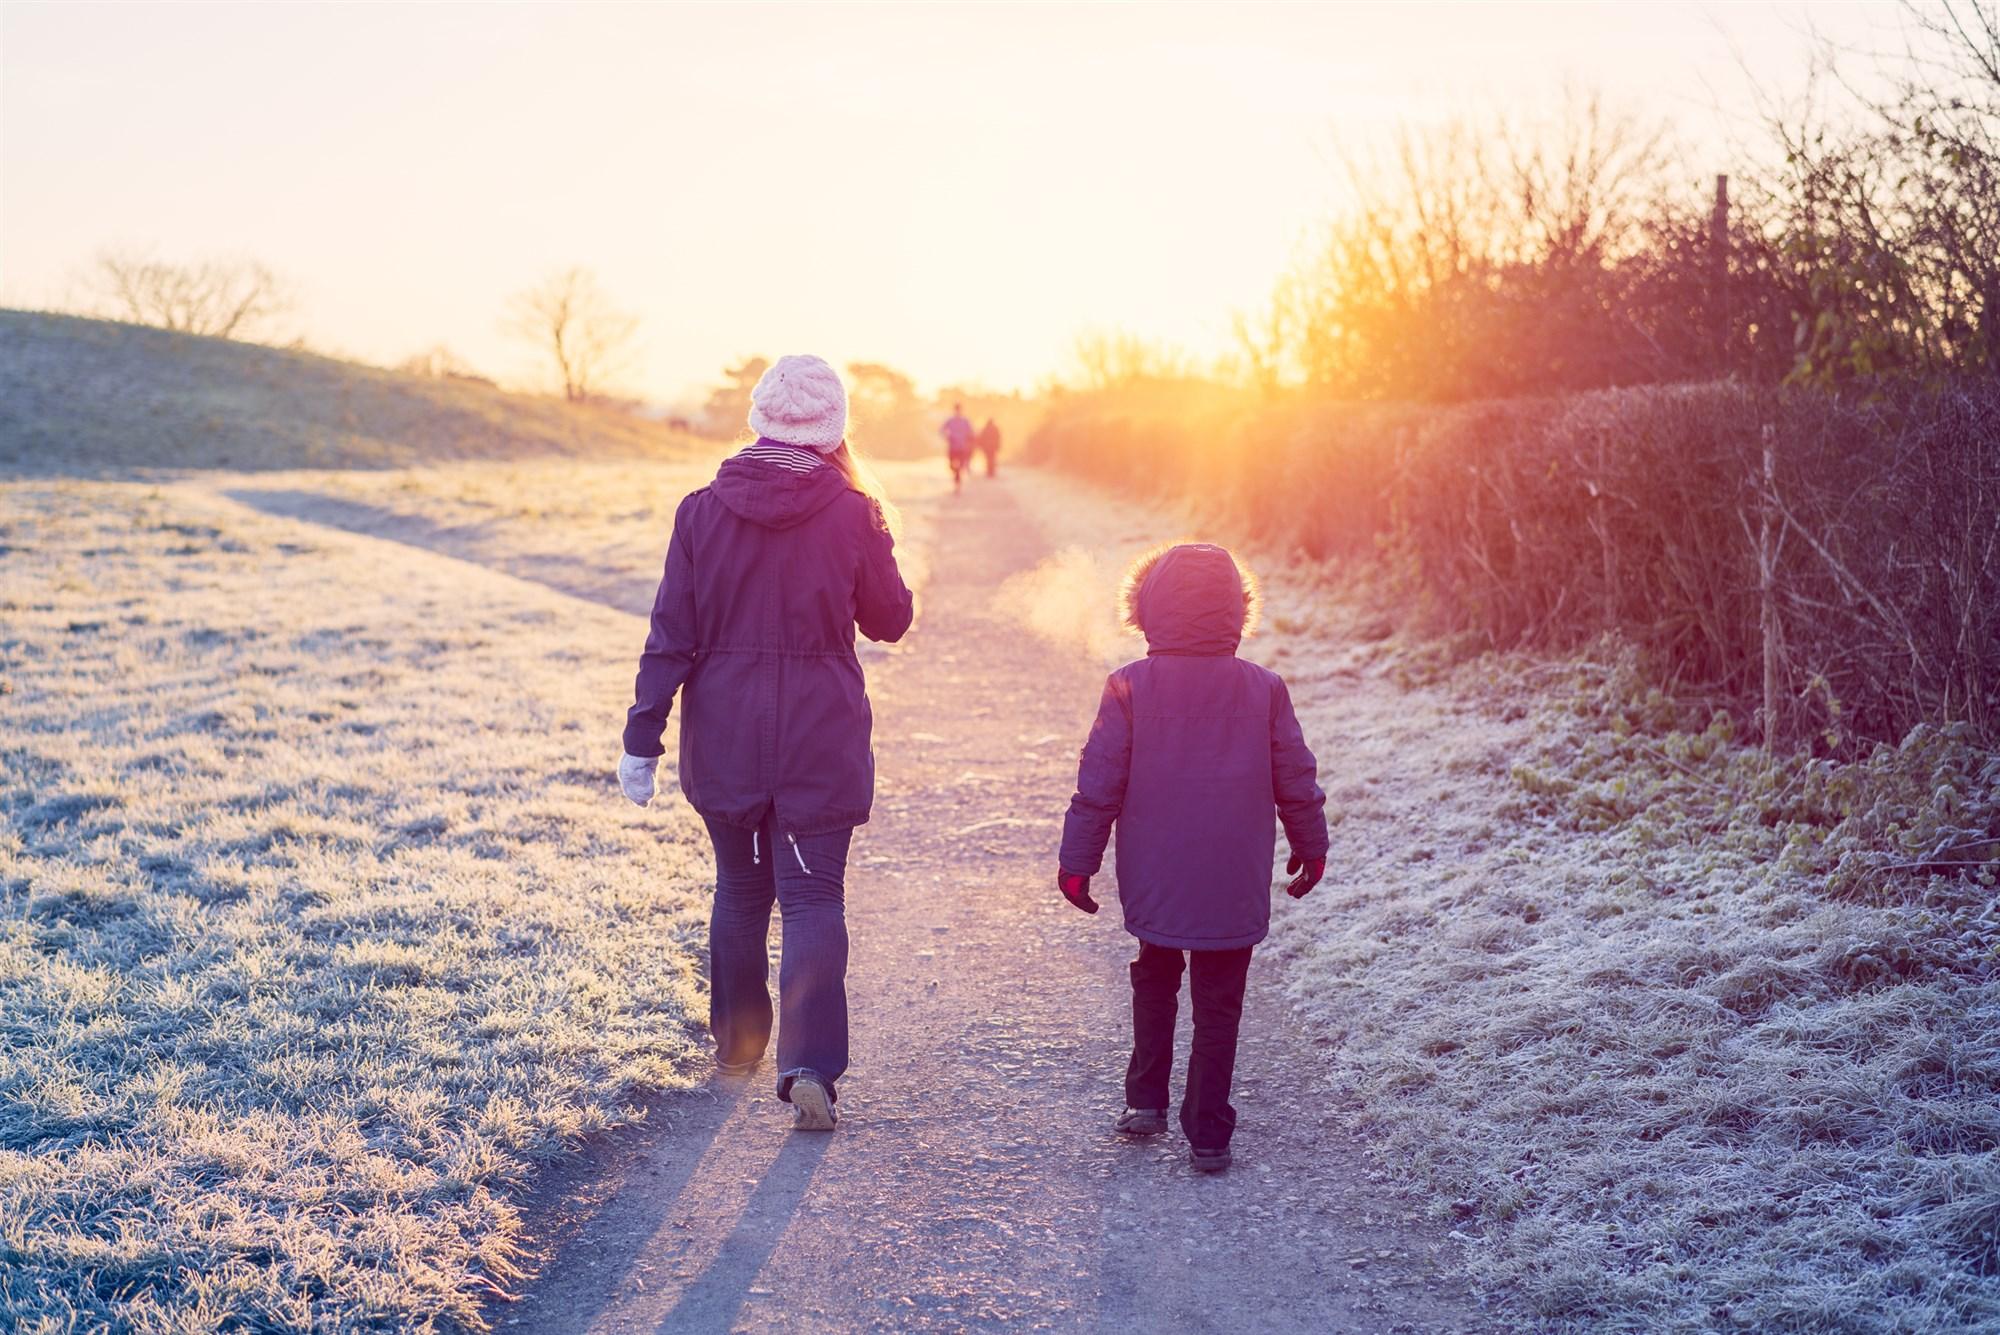 180131-better-stock-winter-weather-walk-outside-ew-1235p_a4fe05f7deda2c94f3dea69b6376a350.fit-2000w.jpg